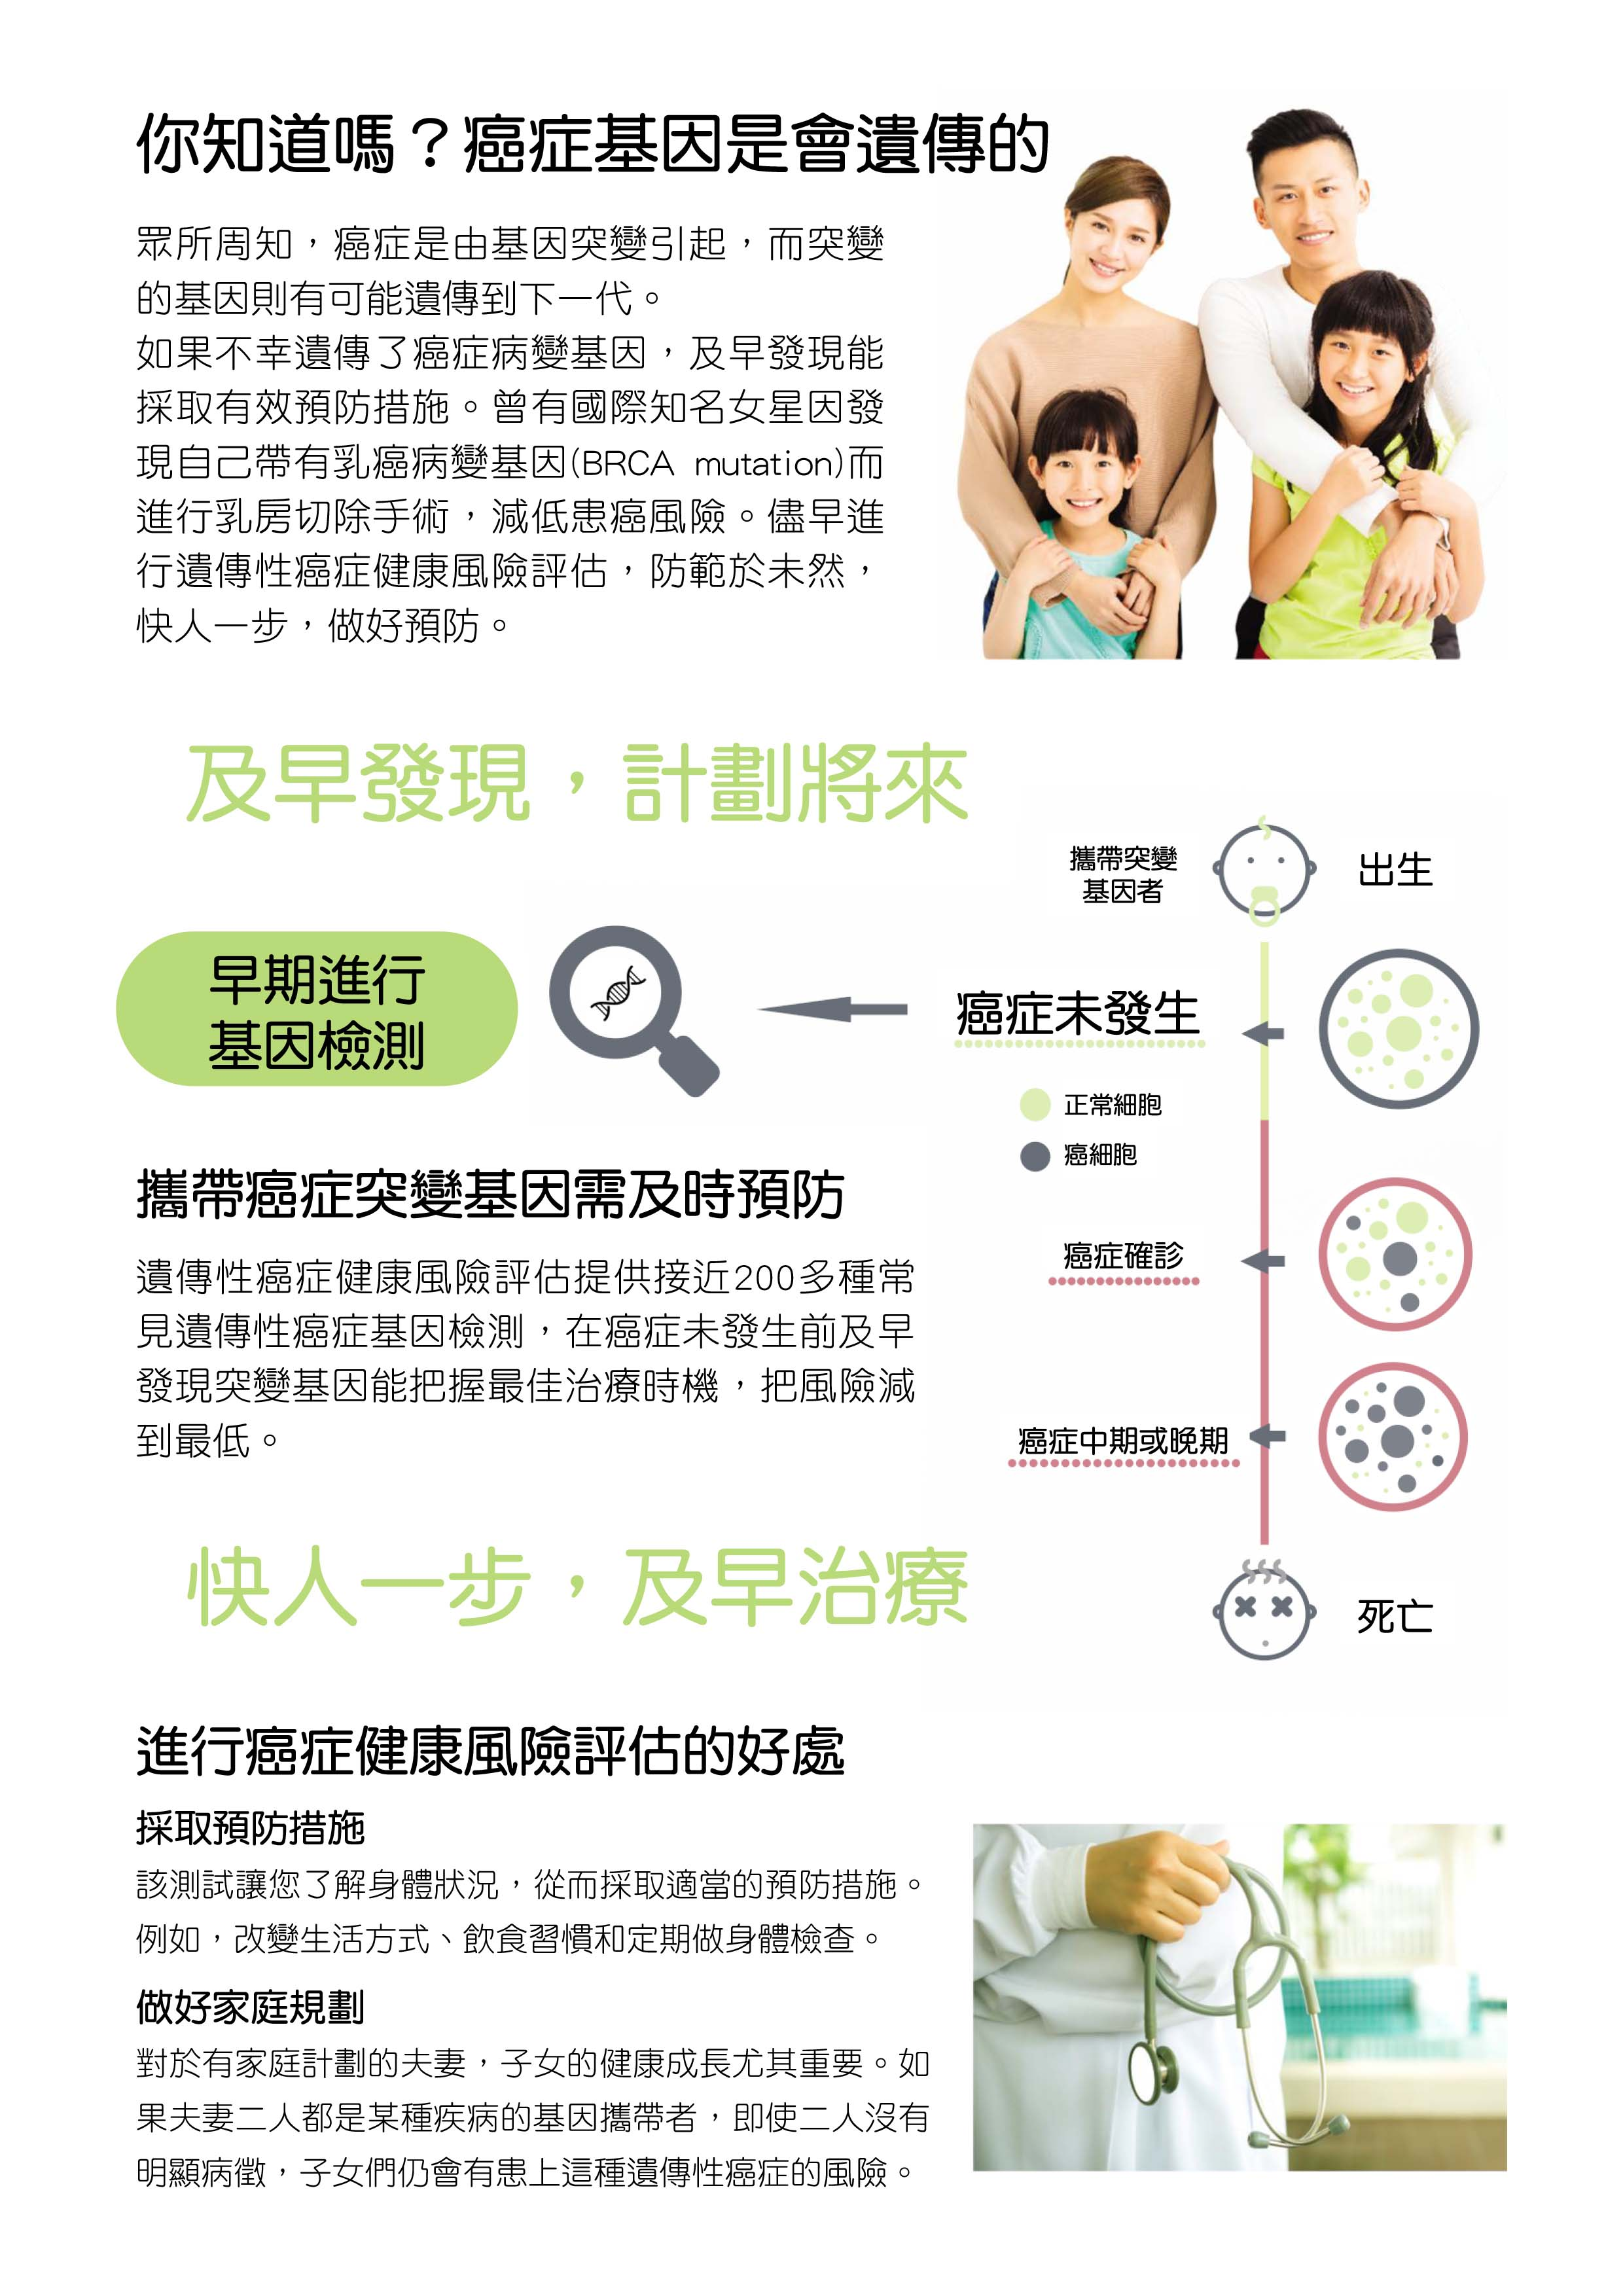 cancer-risk-assessment-test-3.jpg